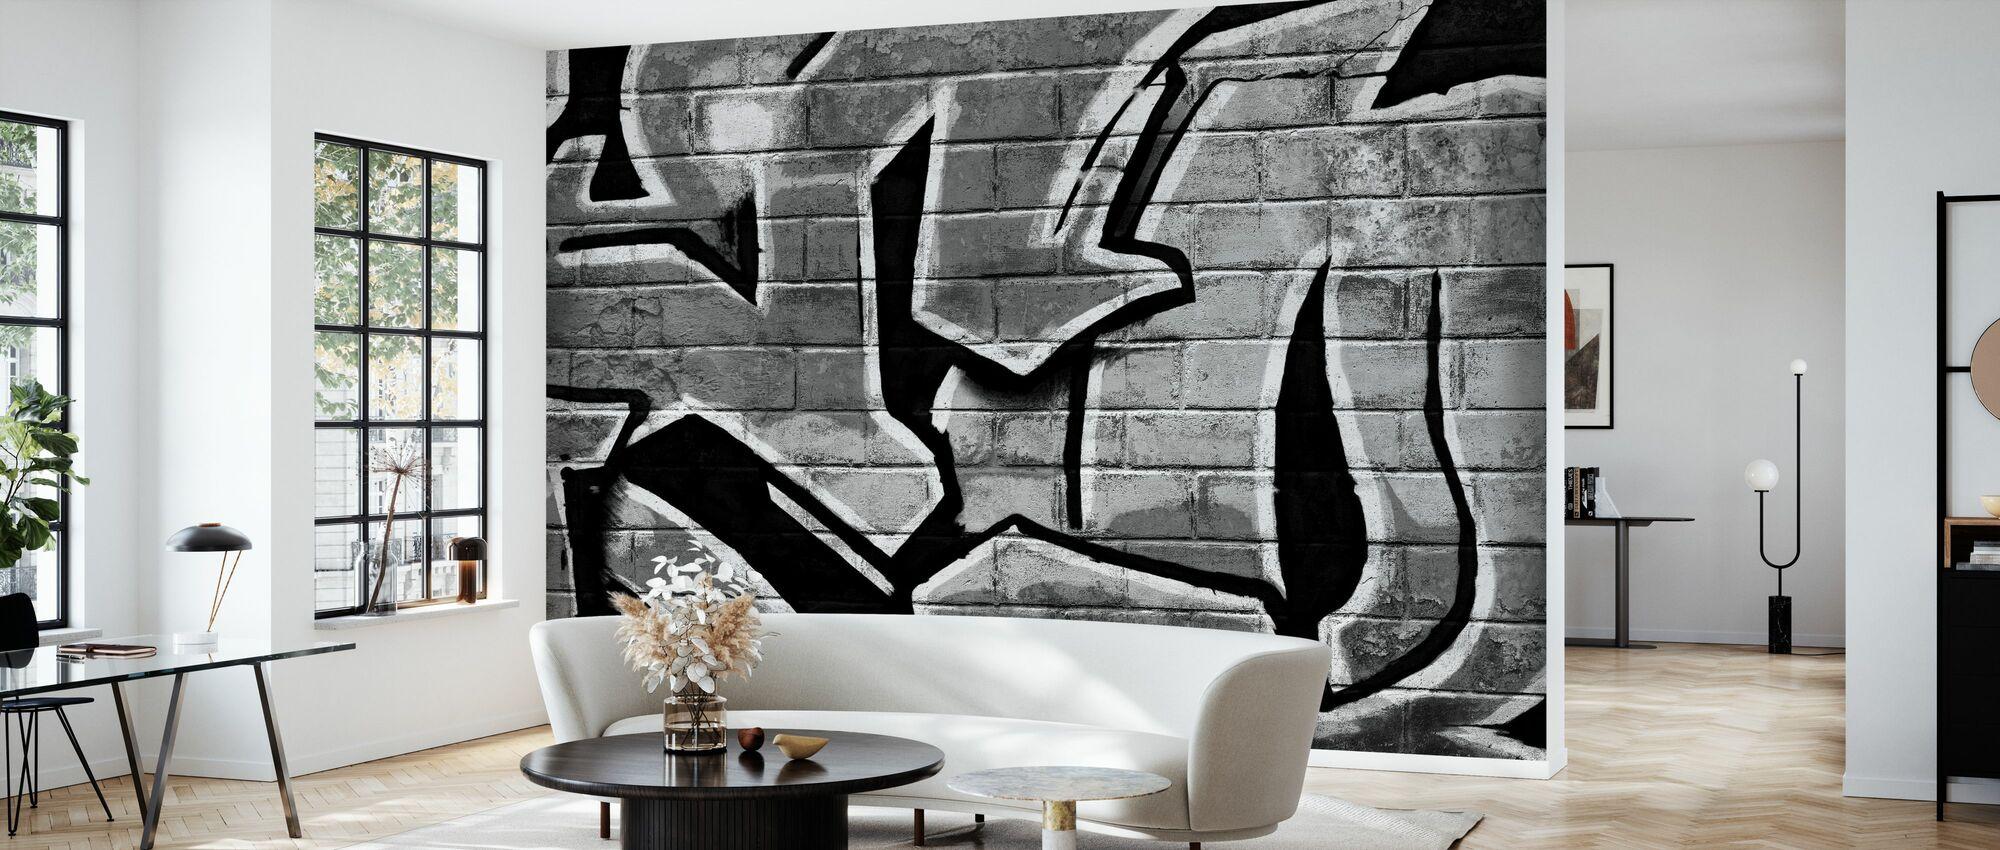 Graffiti murvegg - Bw - Tapet - Stue